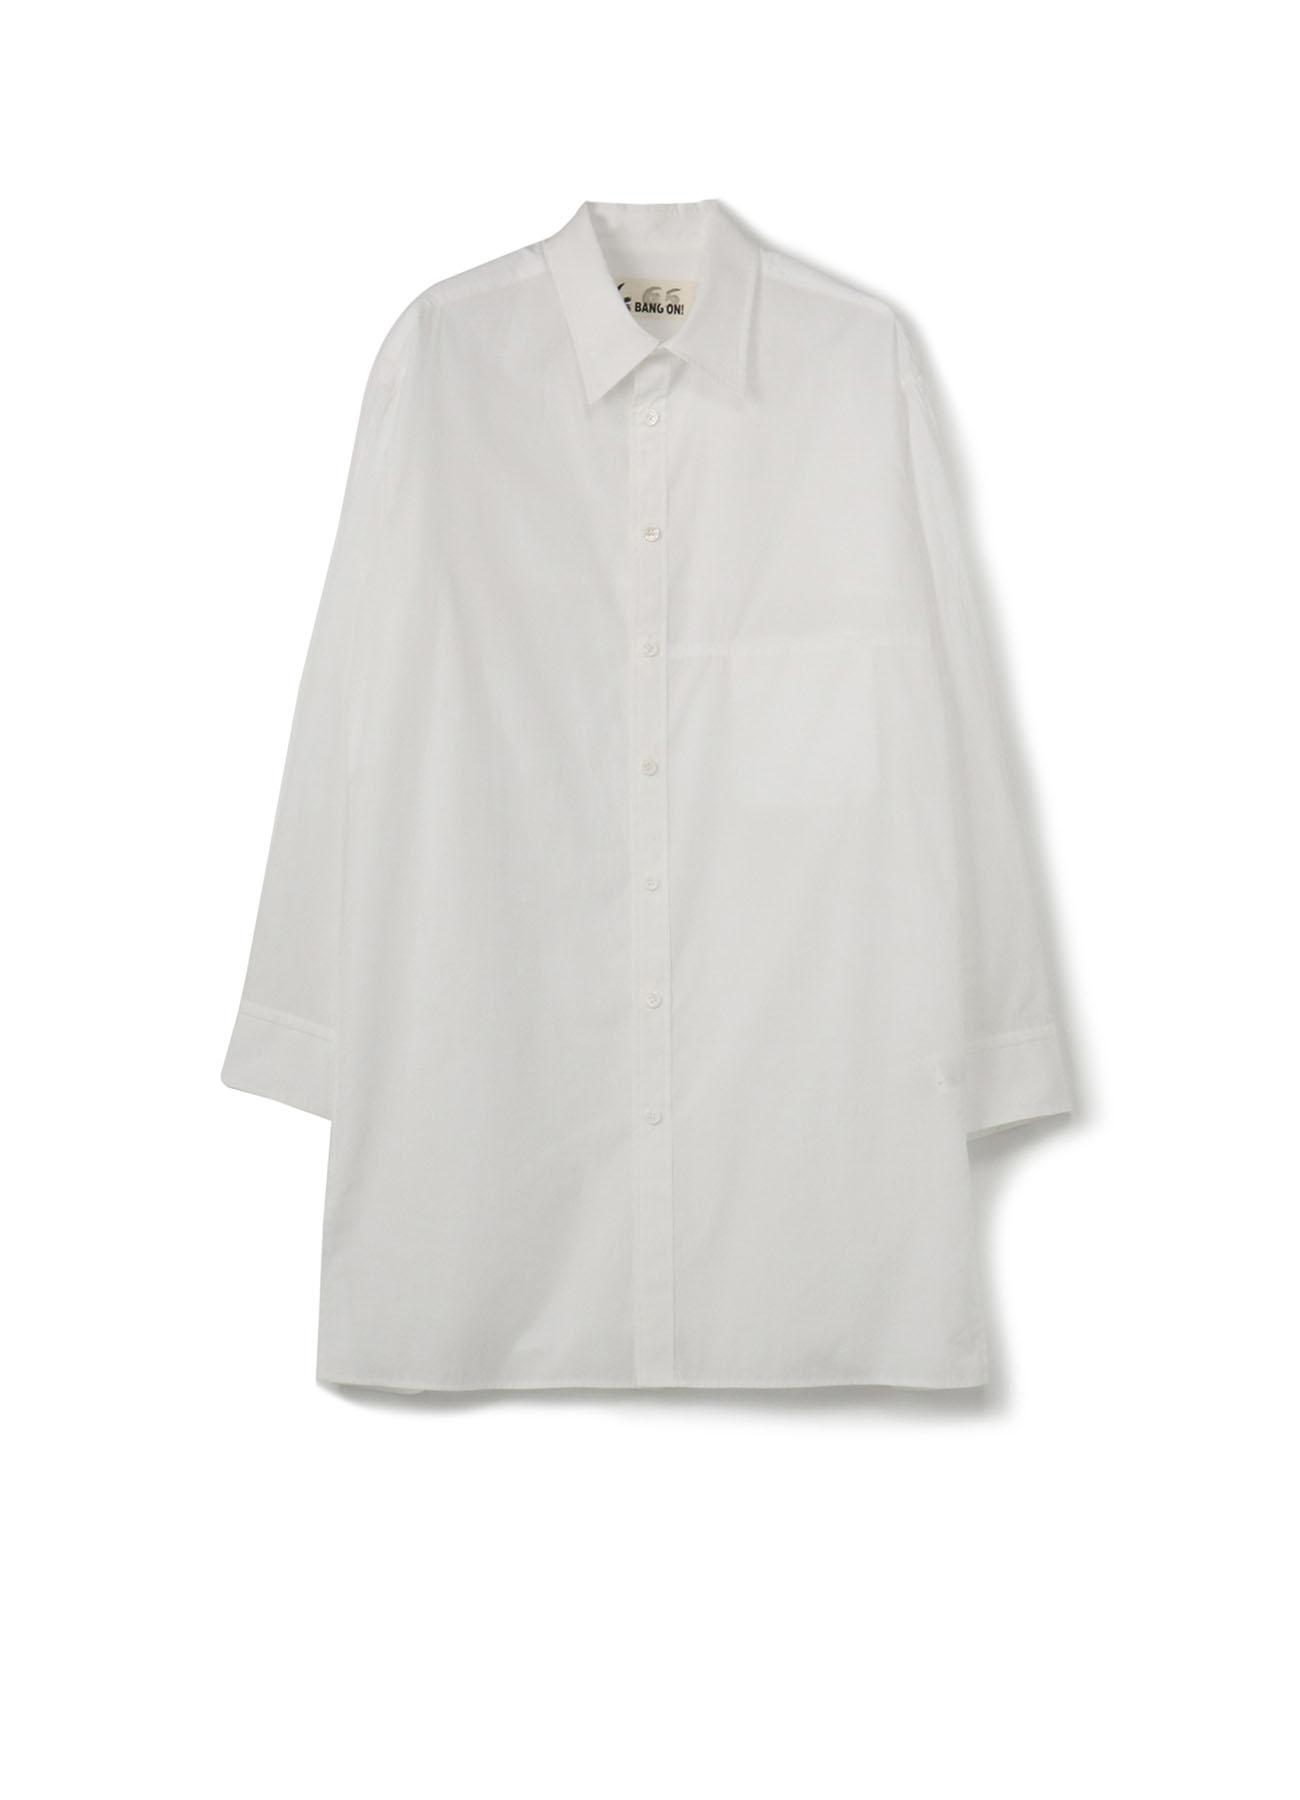 No.65 切り替えポケットシャツ コットンブロード